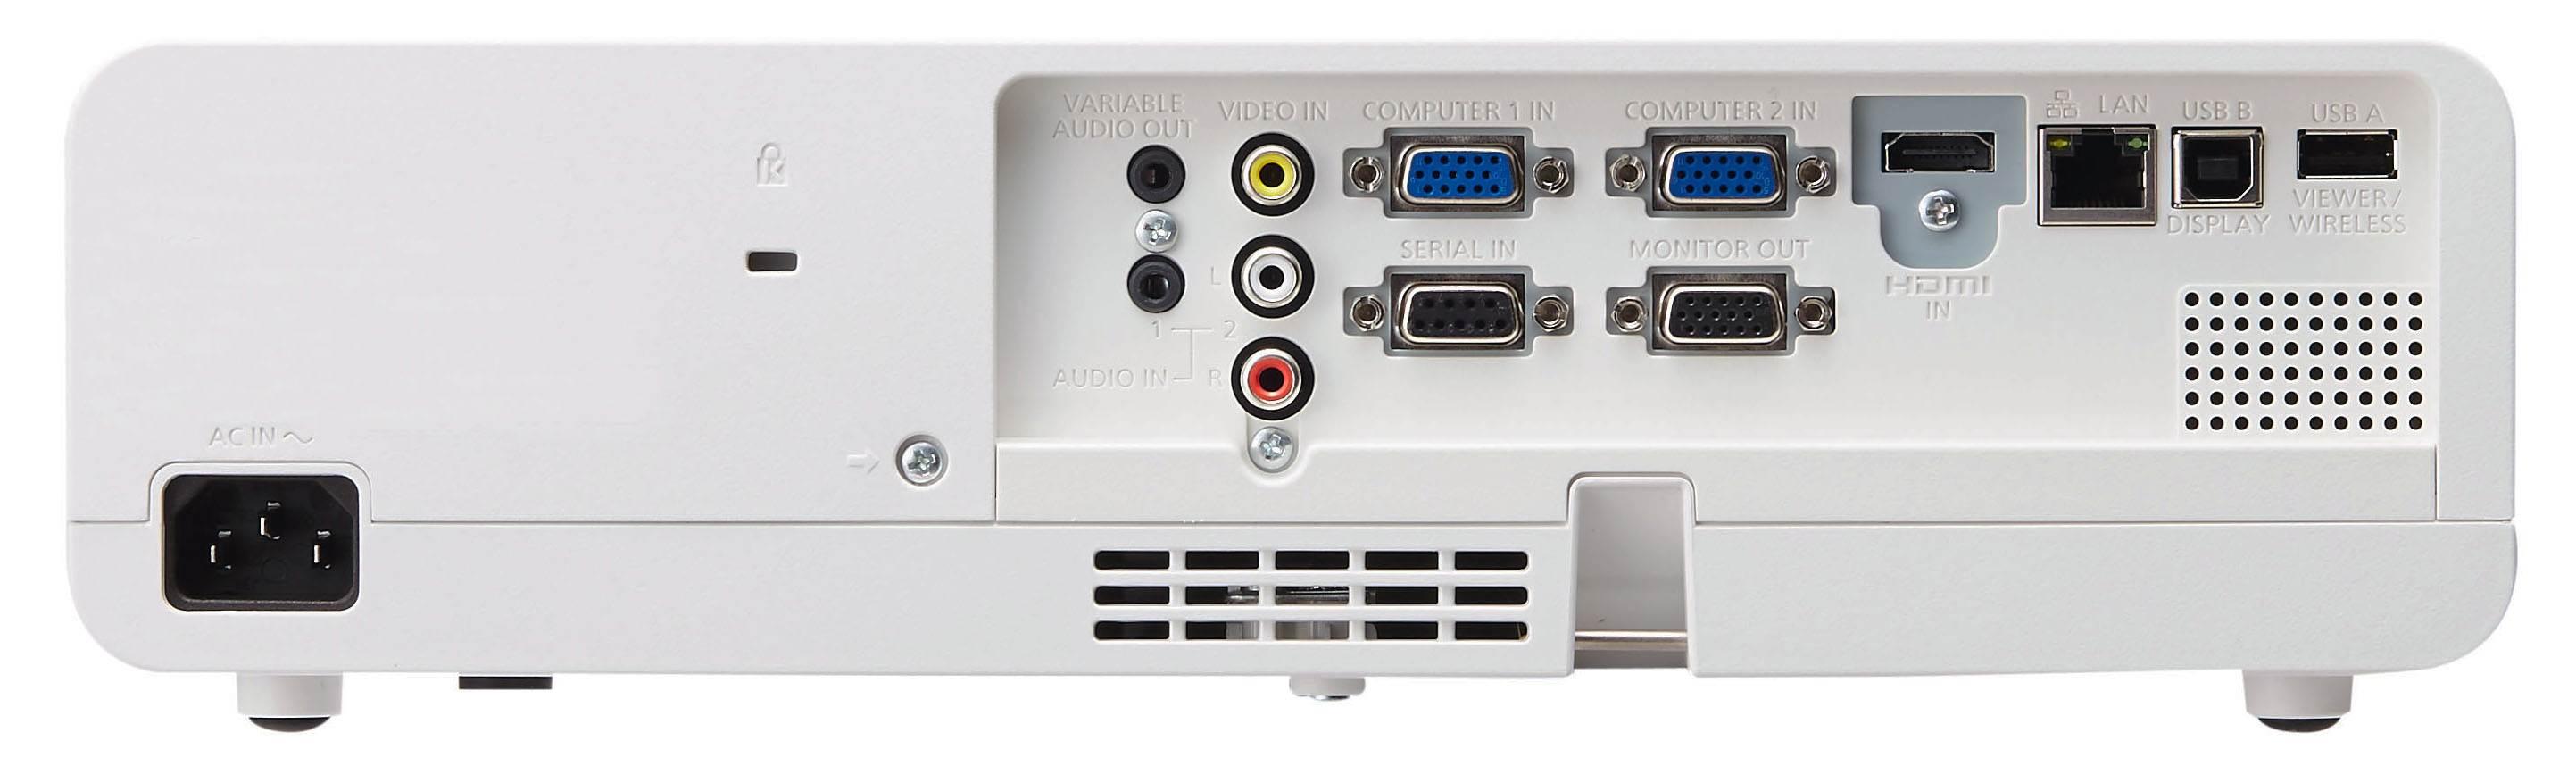 نمای پشت دستگاه ویدئو پروجکشن پاناسونیک سری Panasonic PT-LB423